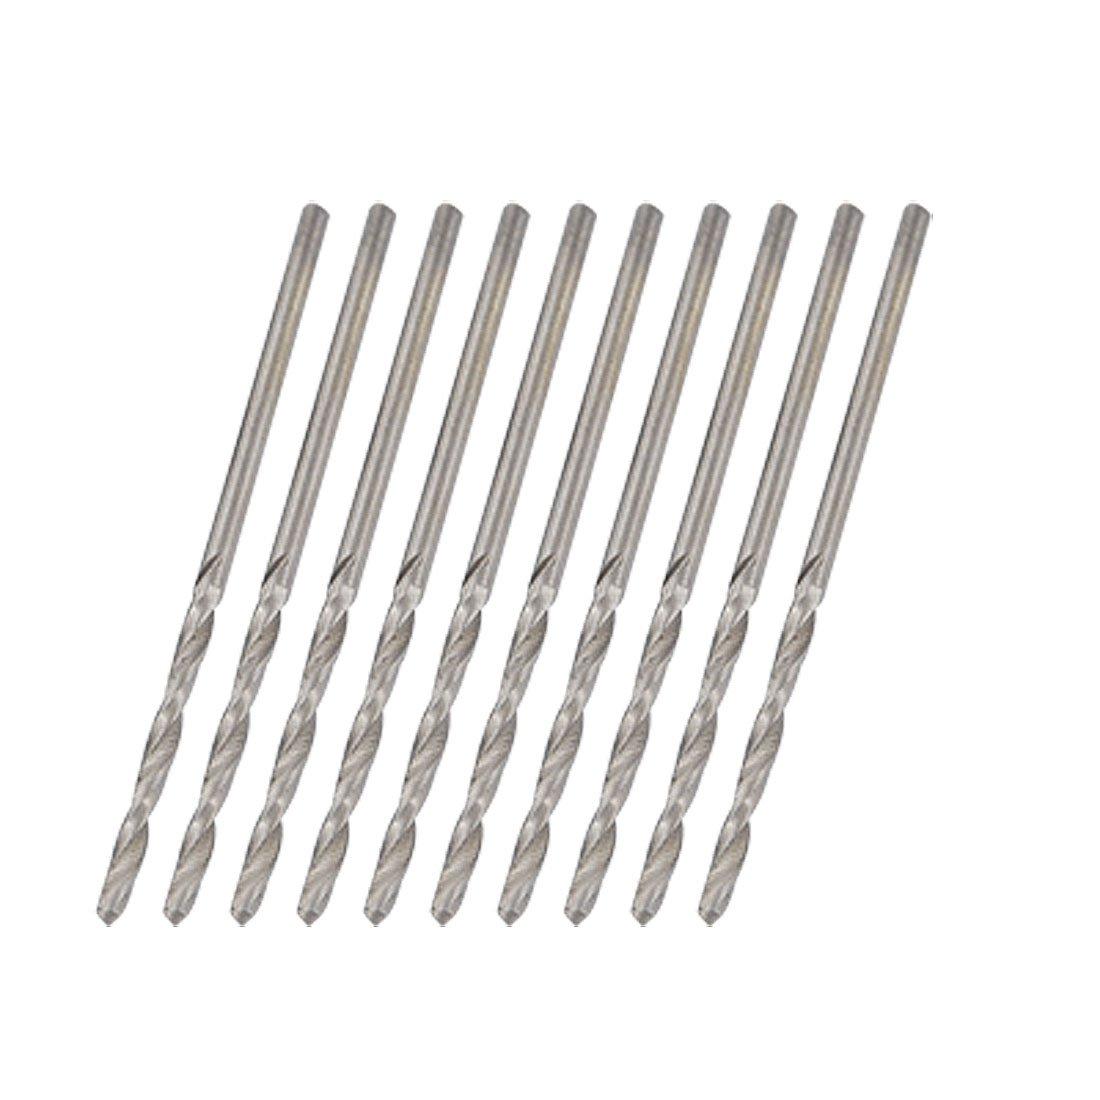 10 piezas 1, 6 mm diá metro 42 mm longitud Brocas en espiral de diseñ o en espiral 6 mm diámetro 42 mm longitud Brocas en espiral de diseño en espiral Sourcingmap a10081600ux0035